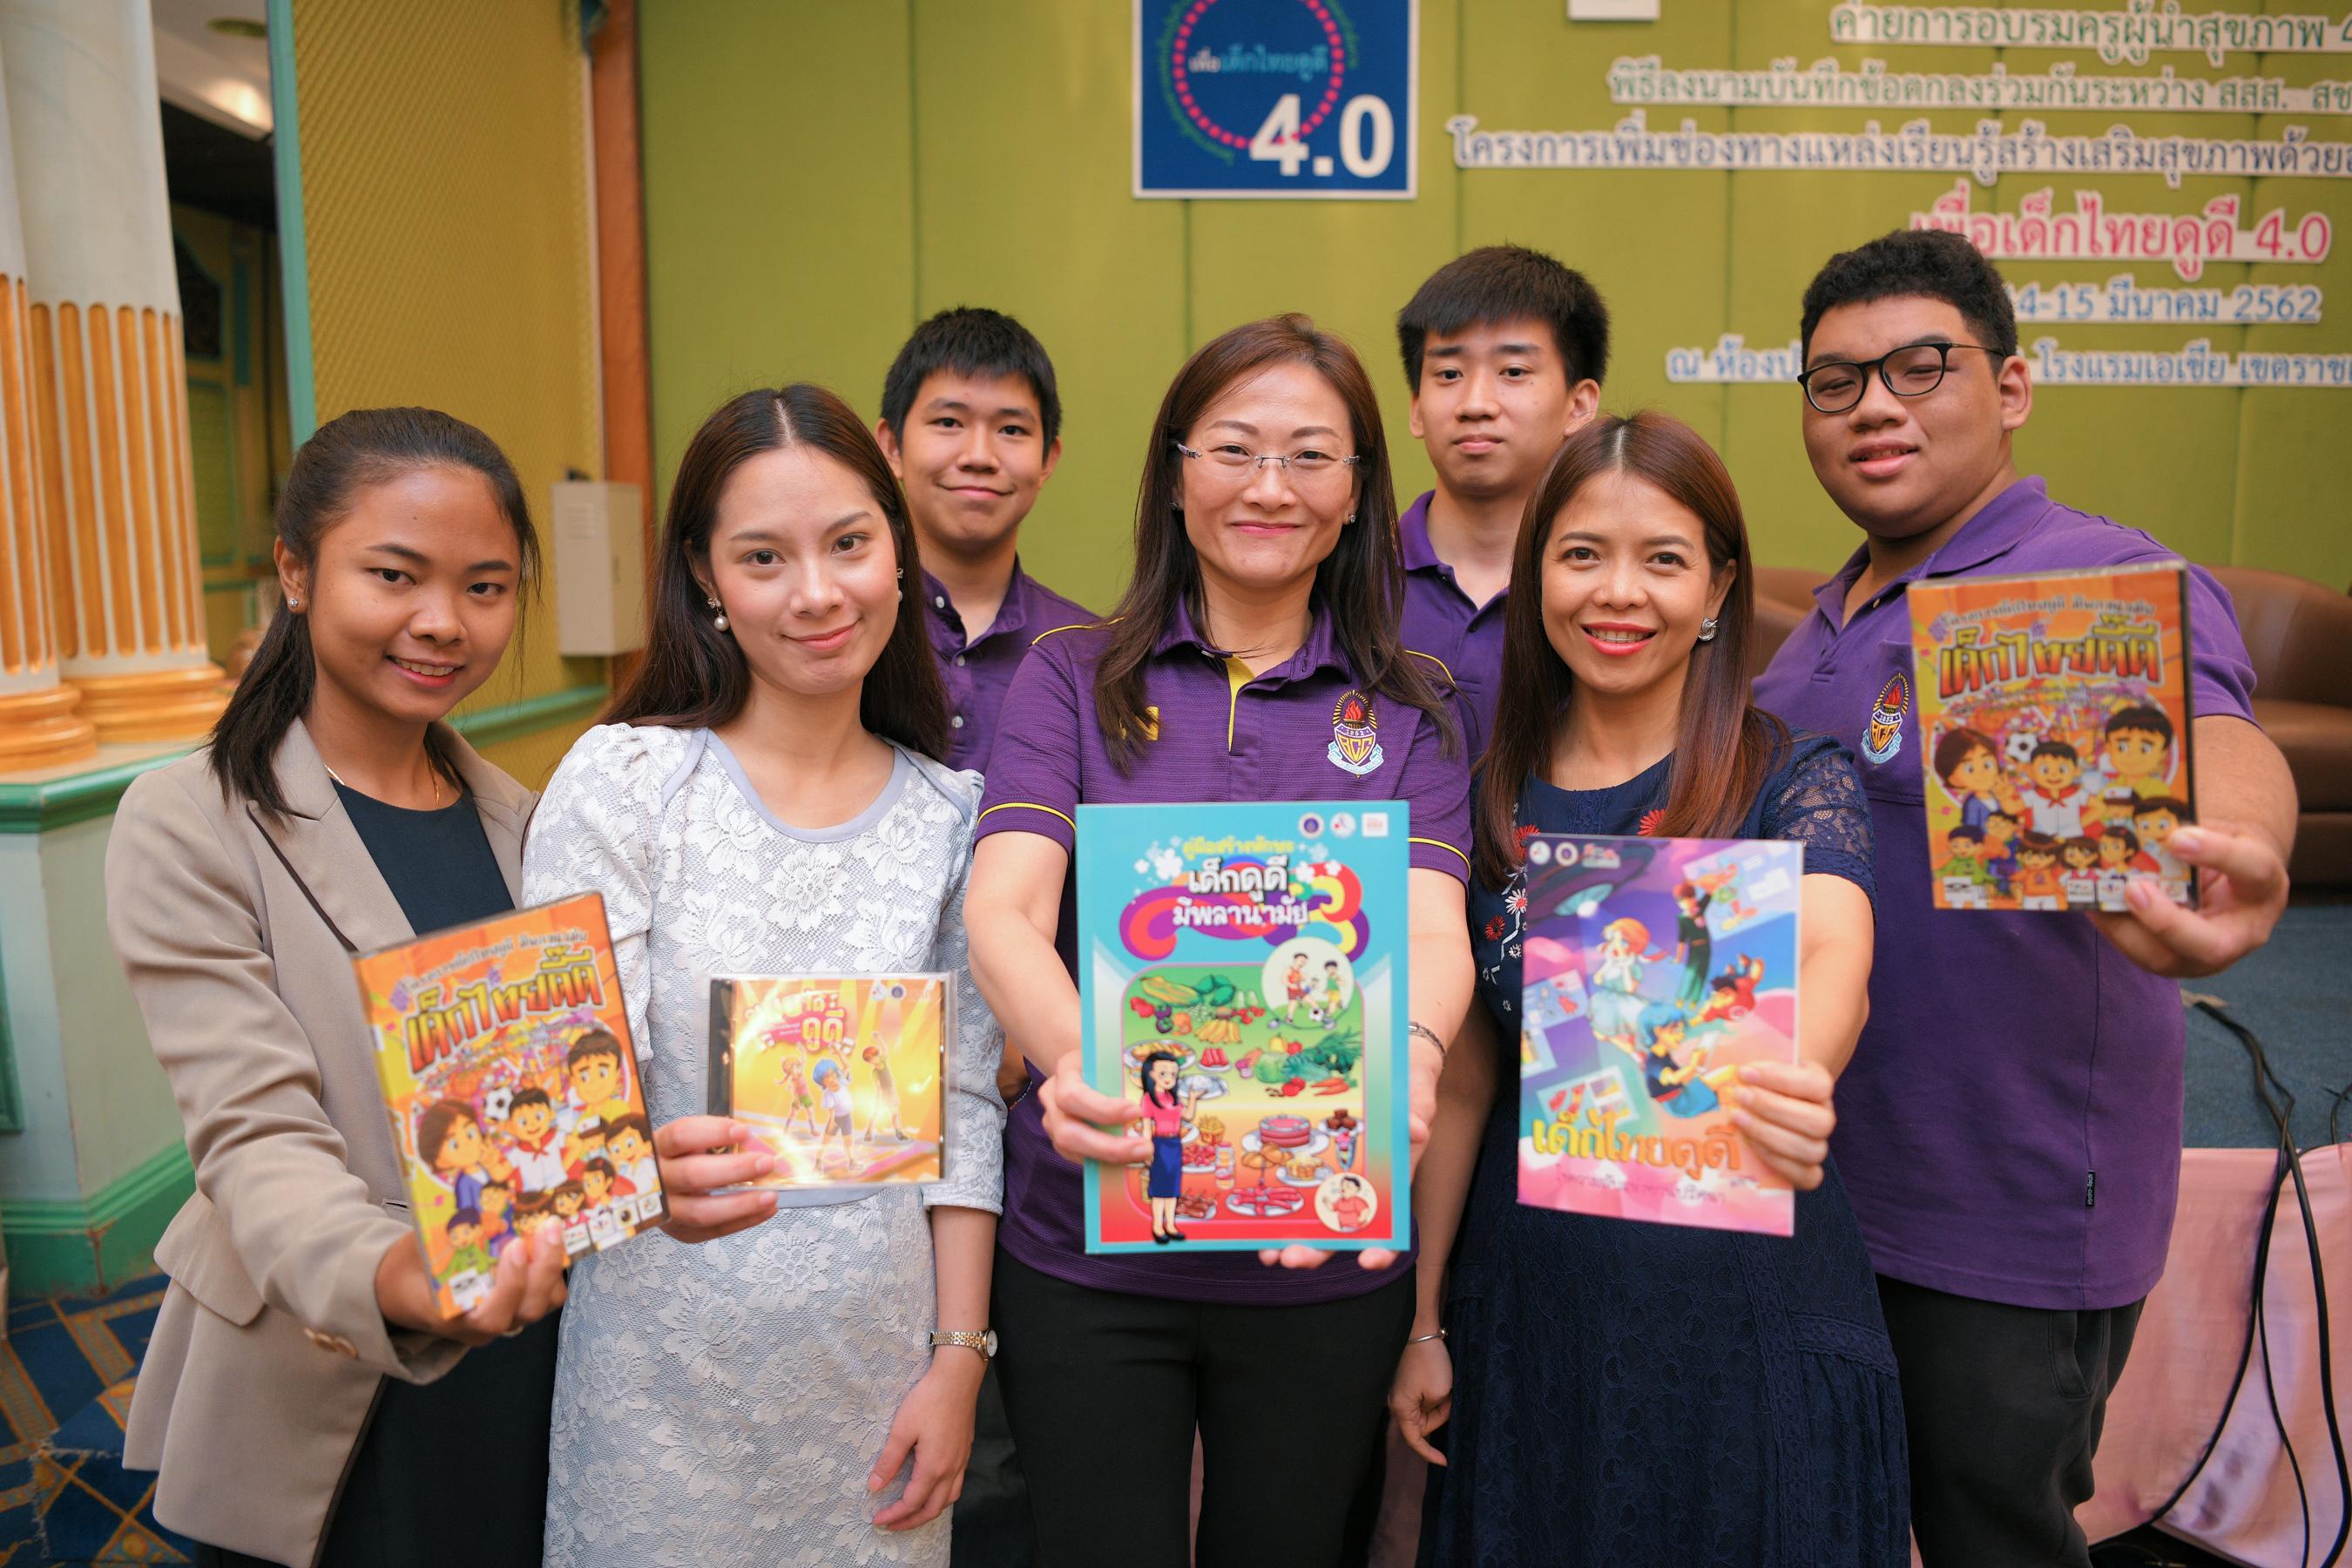 หลายหน่วยงานจับมือพัฒนาครู ผู้นำสุขภาพปฏิวัติตู้เย็น thaihealth